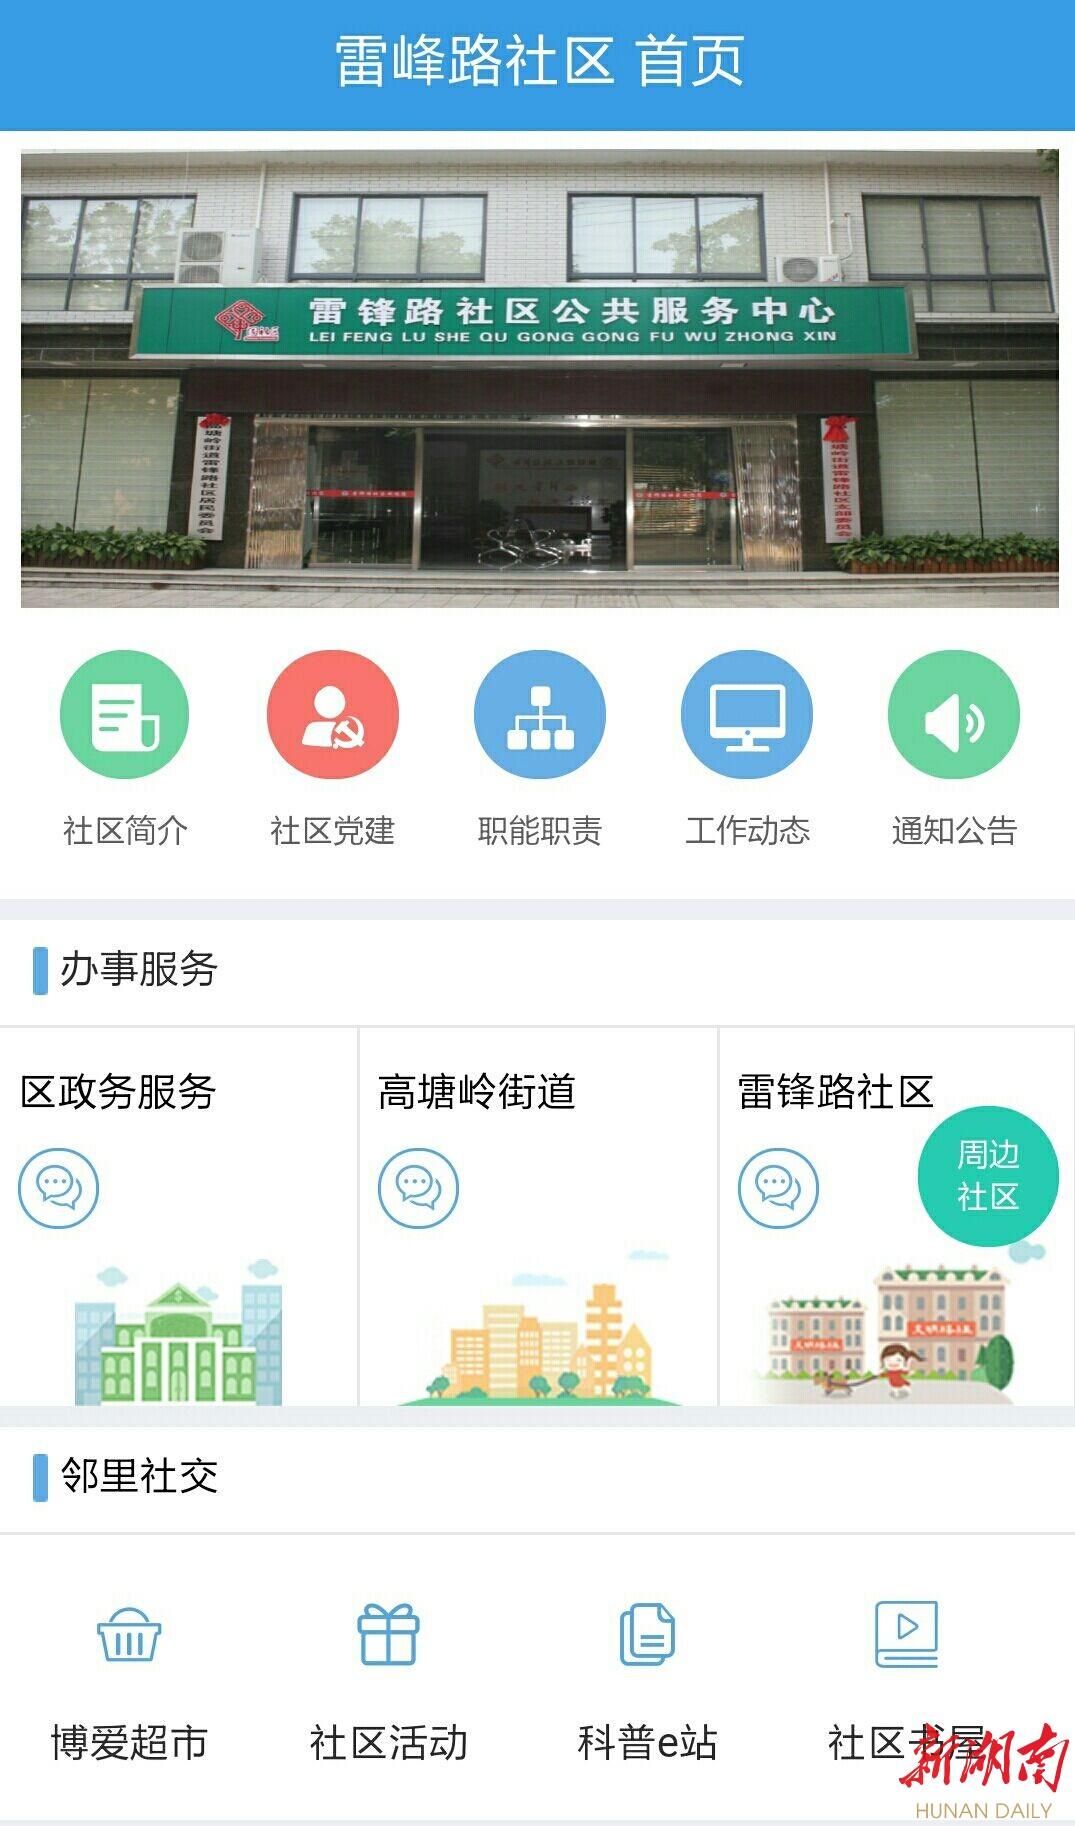 [长沙] 望城区20个智慧社区APP上线 社区服务24小时